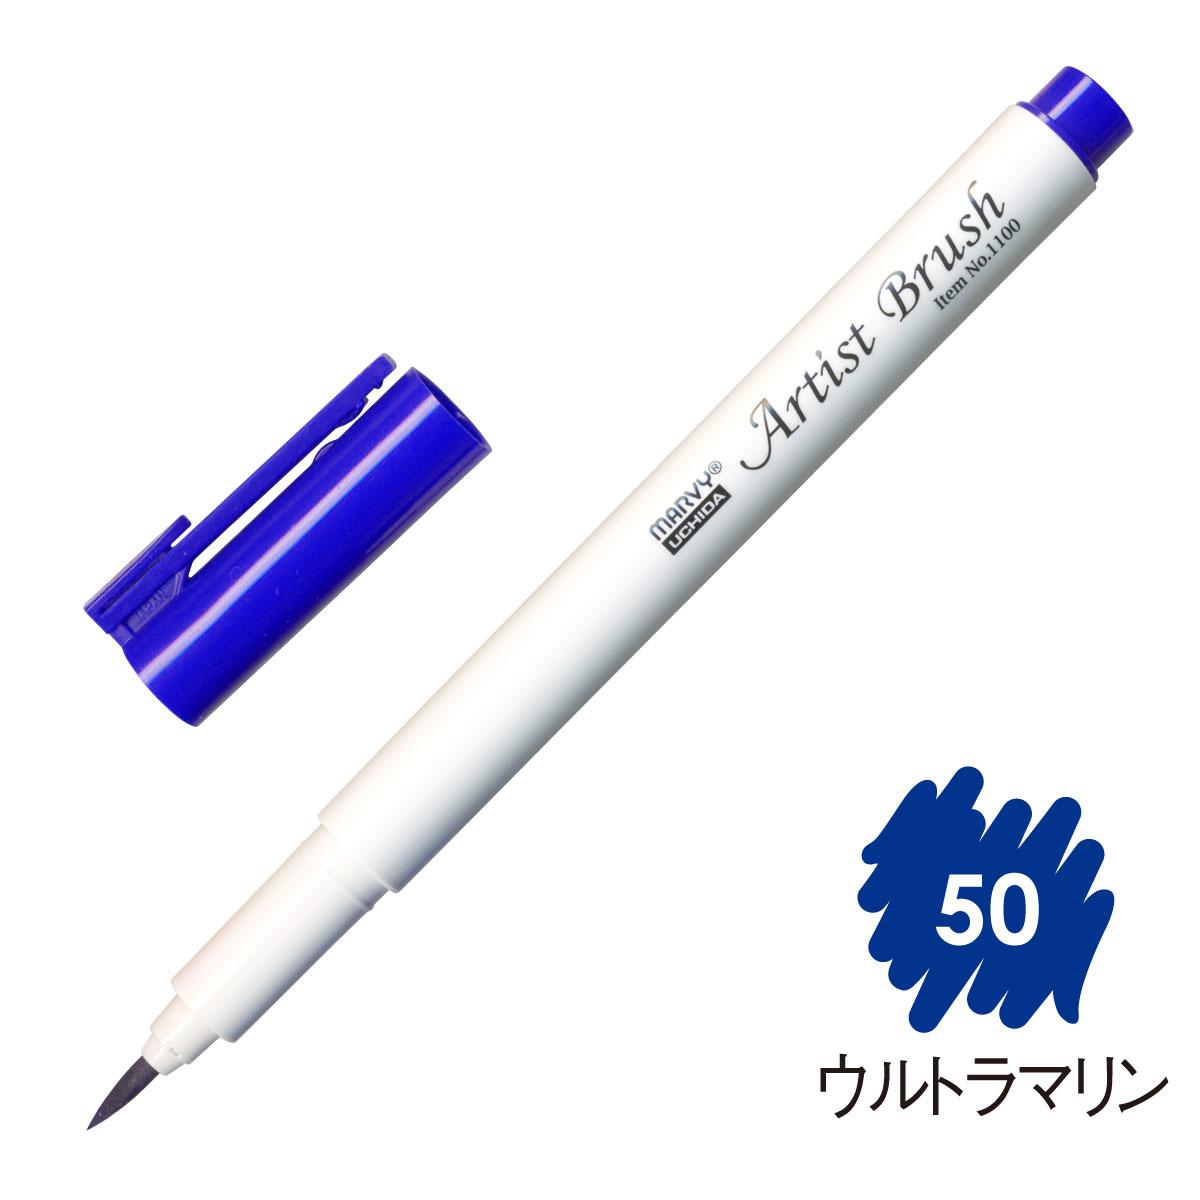 マービー 水性染料 細筆マーカー アーティストブラシ 単品 ウルトラマリン(50) 1100-50画像